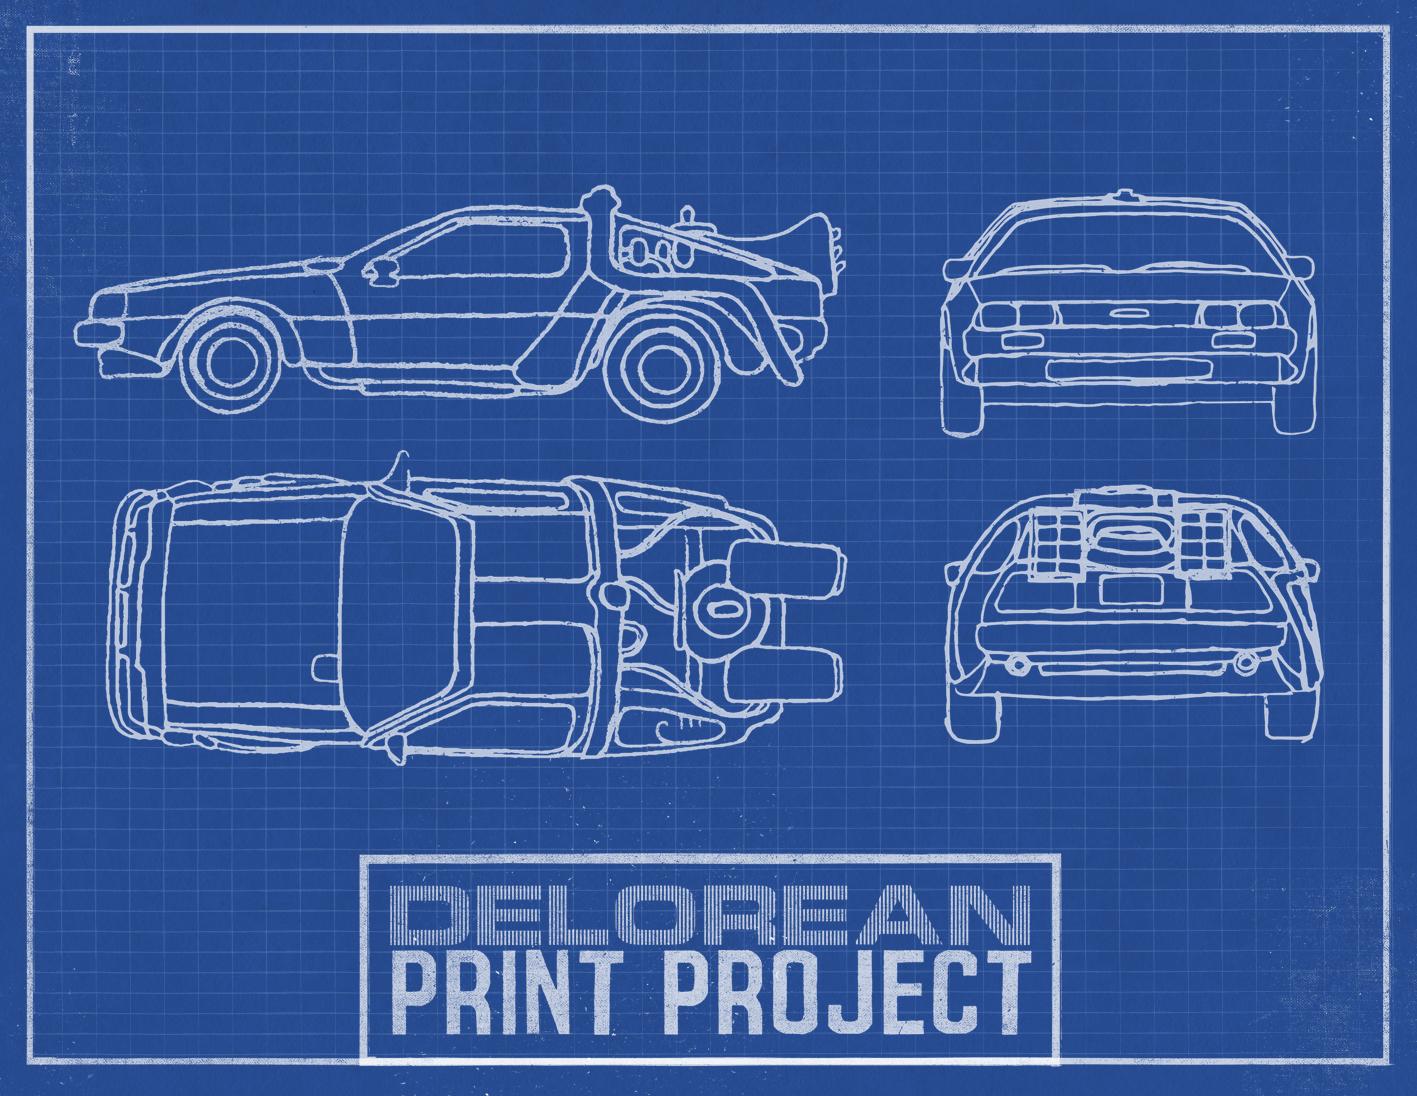 DeLorean Print Project